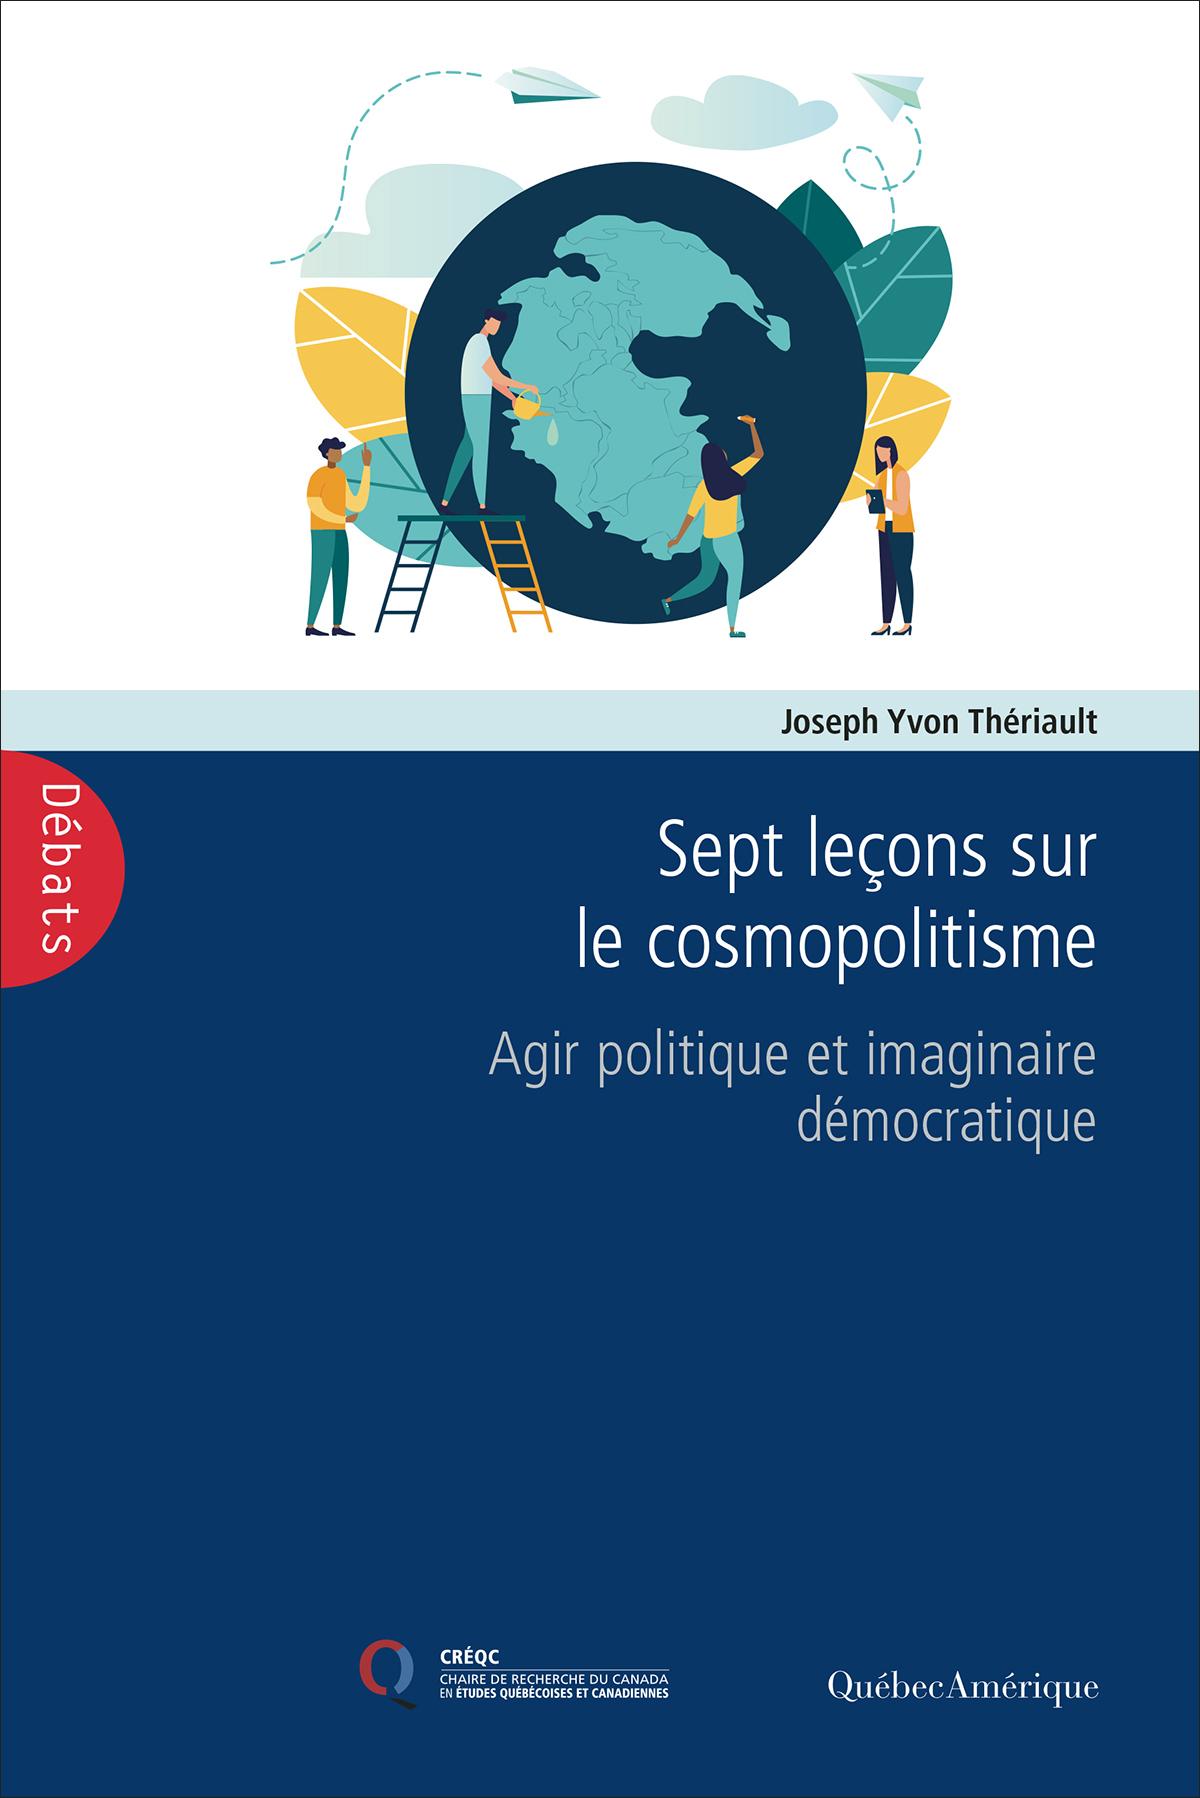 Sept leçons sur le cosmopolitisme